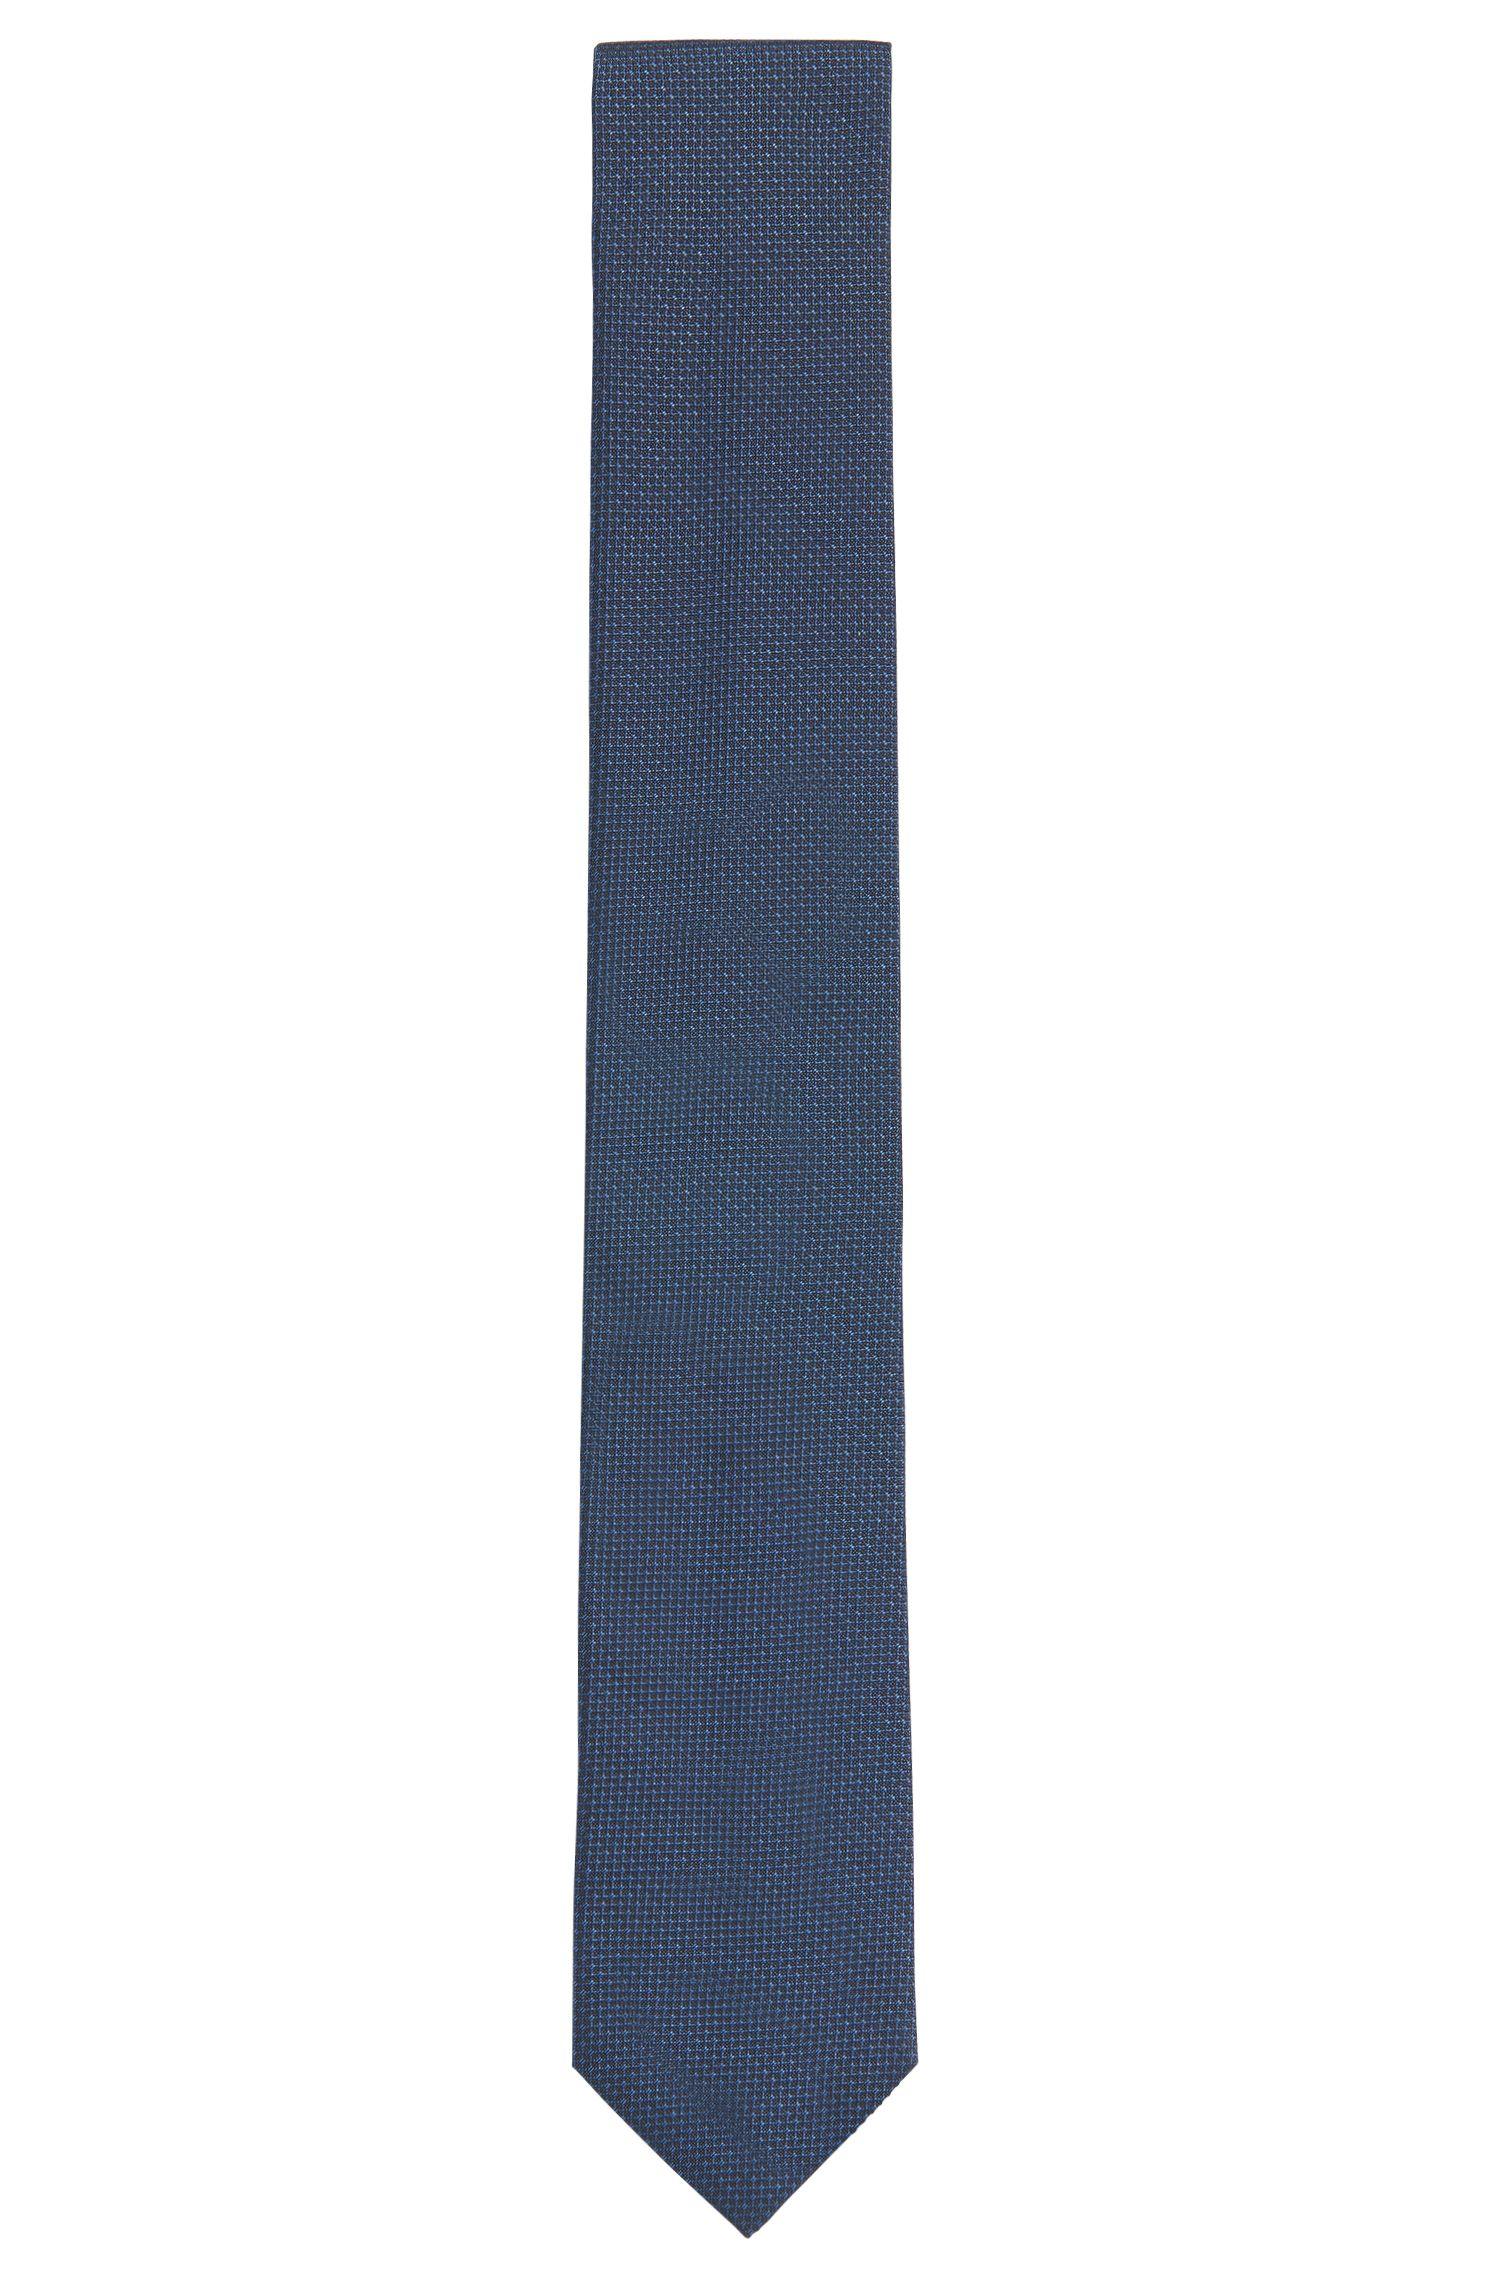 Fein strukturierte Krawatte aus Seide: 'Tie cm 6'